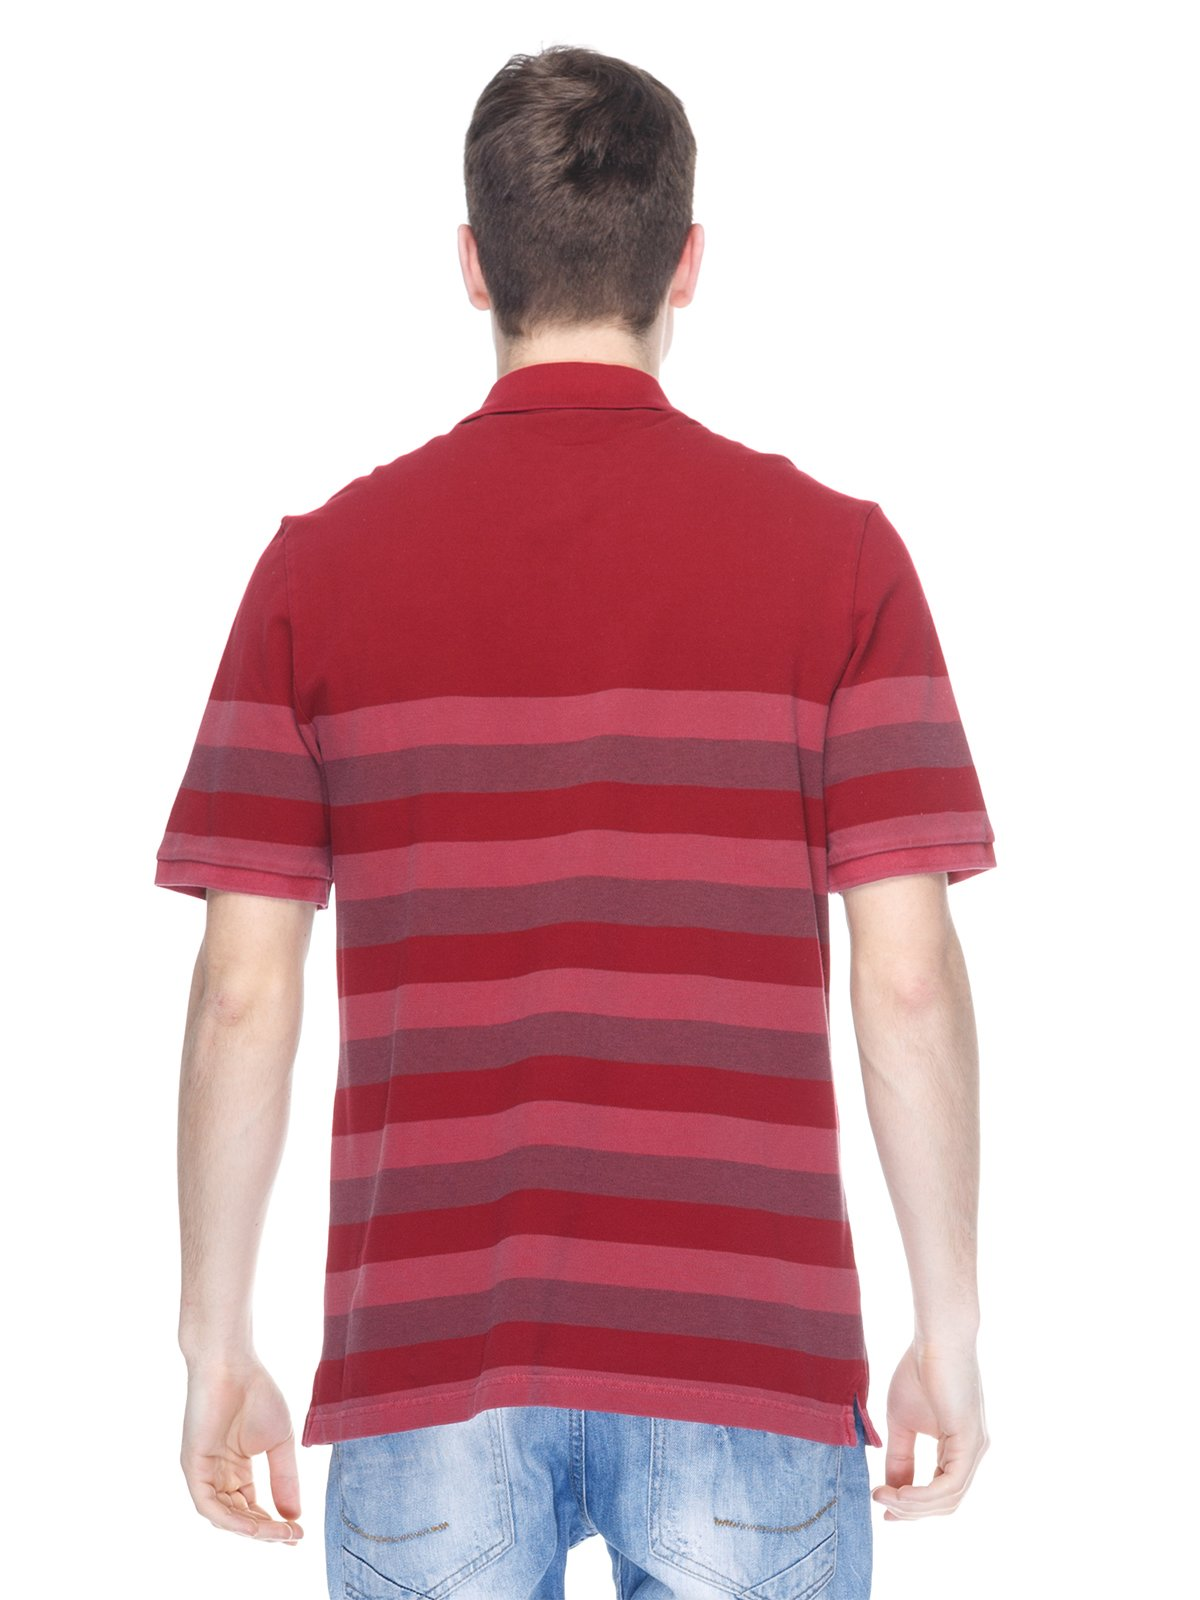 Футболка-поло червоний у смужку | 2333251 | фото 2